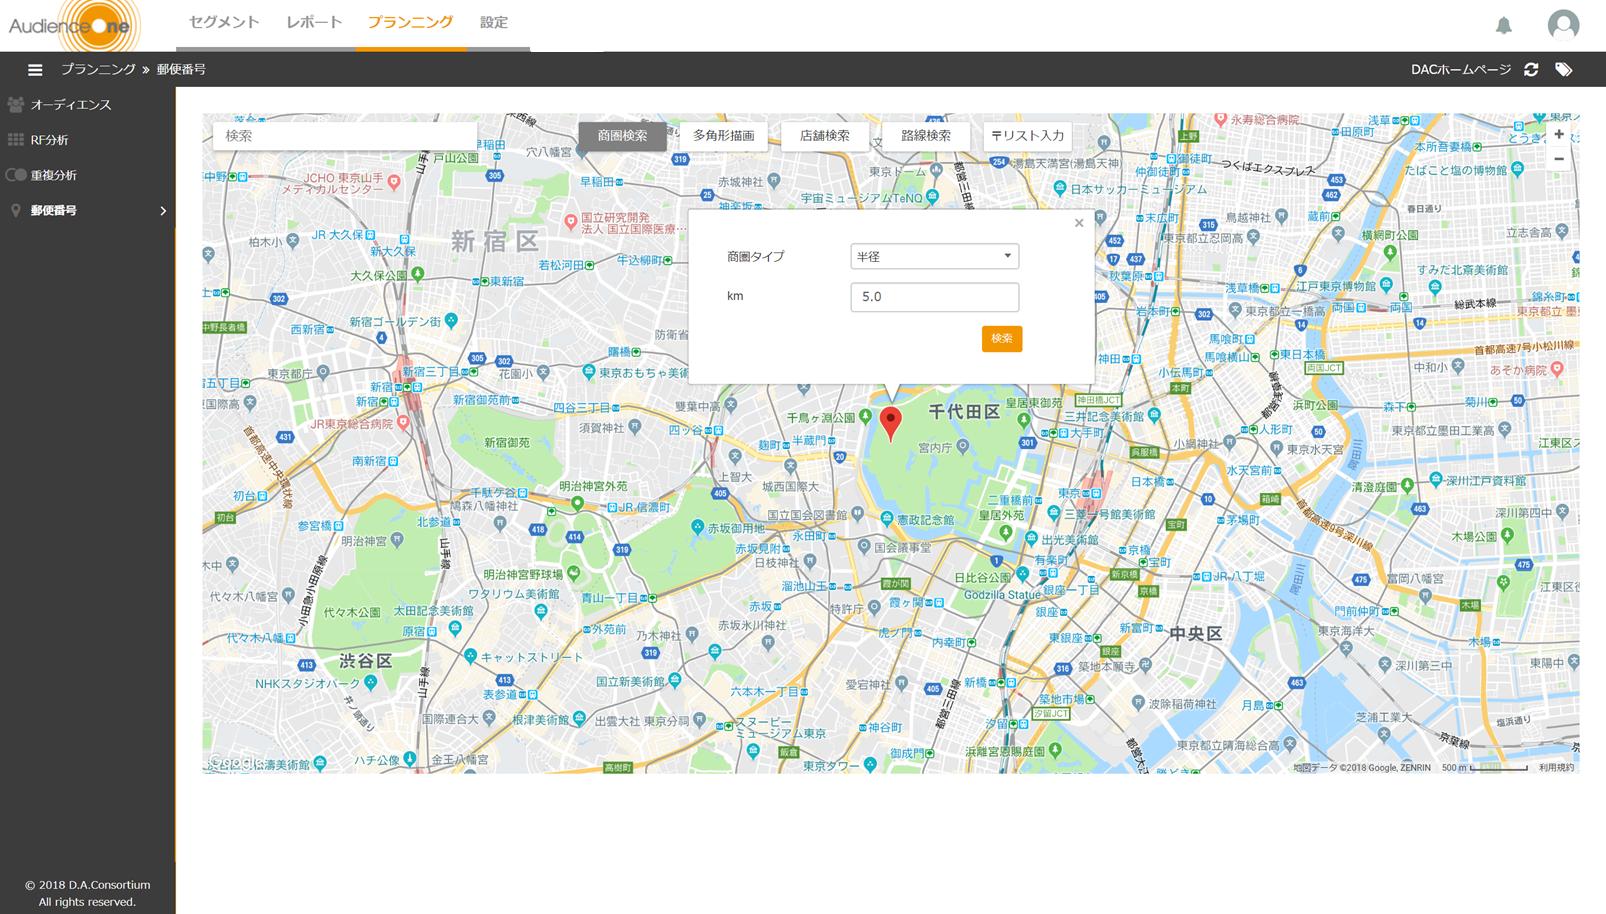 aone-location-segment-image1